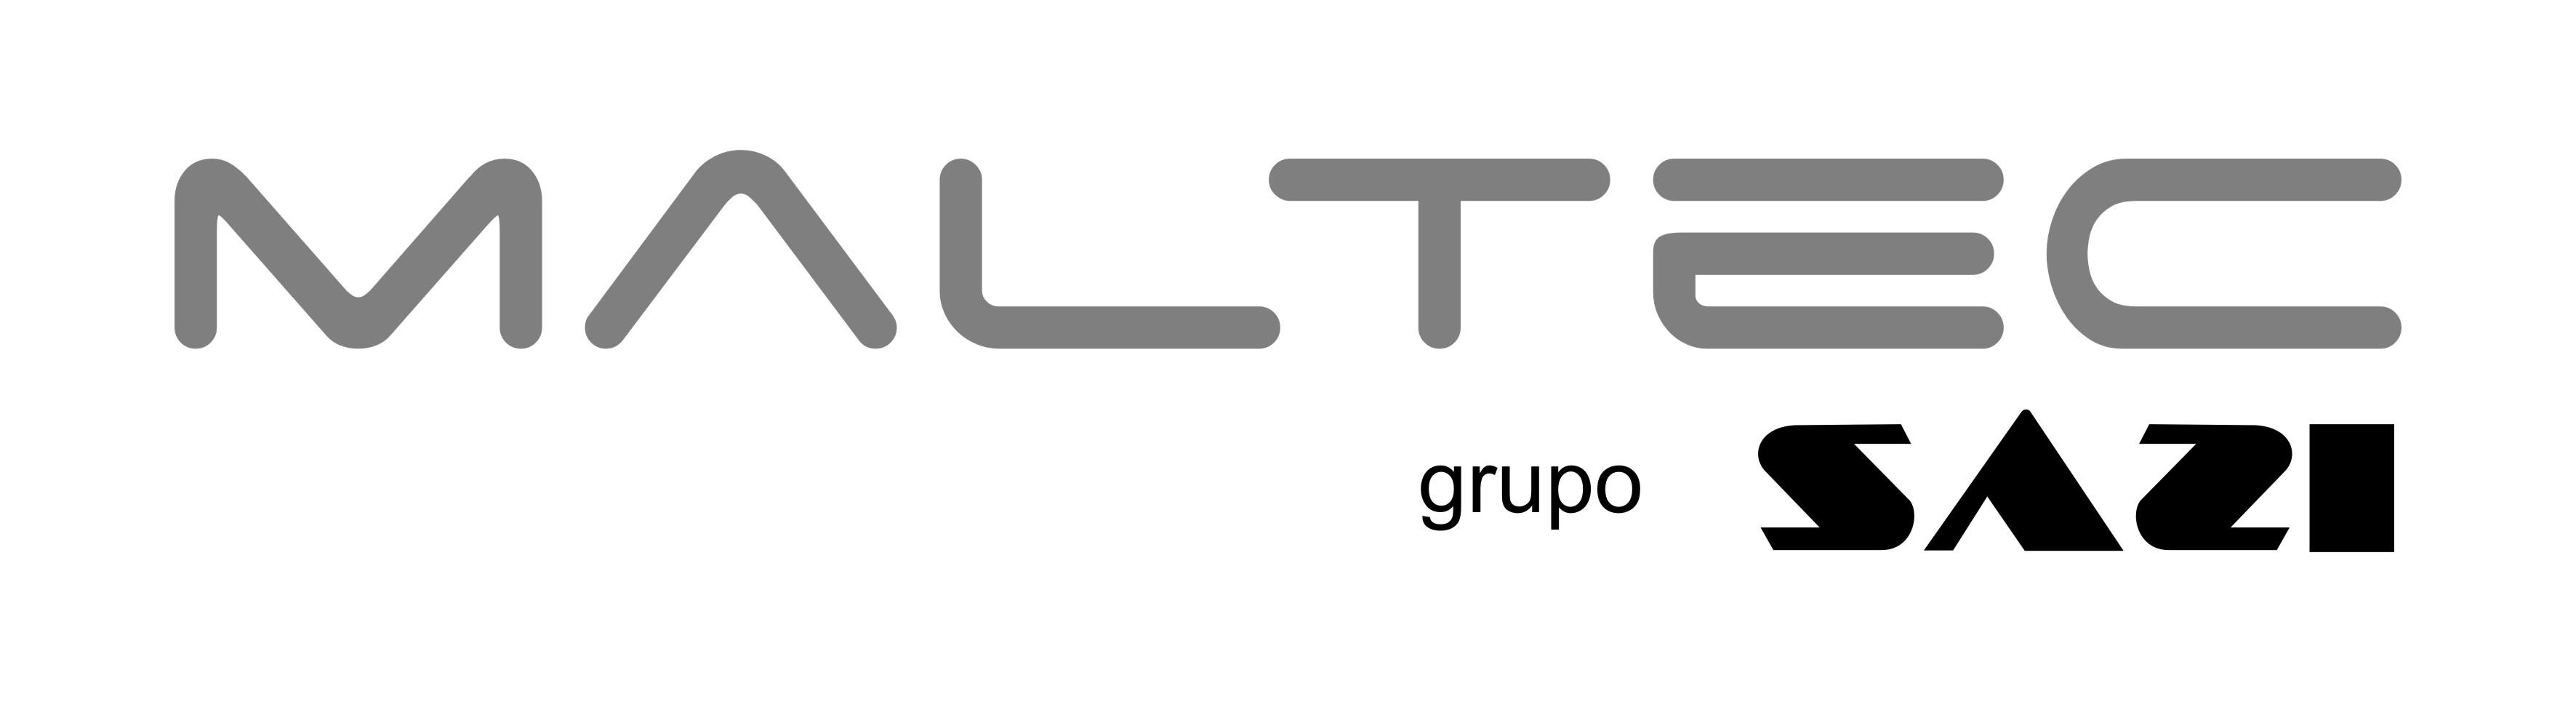 Logo-Maltec-alta.jpg